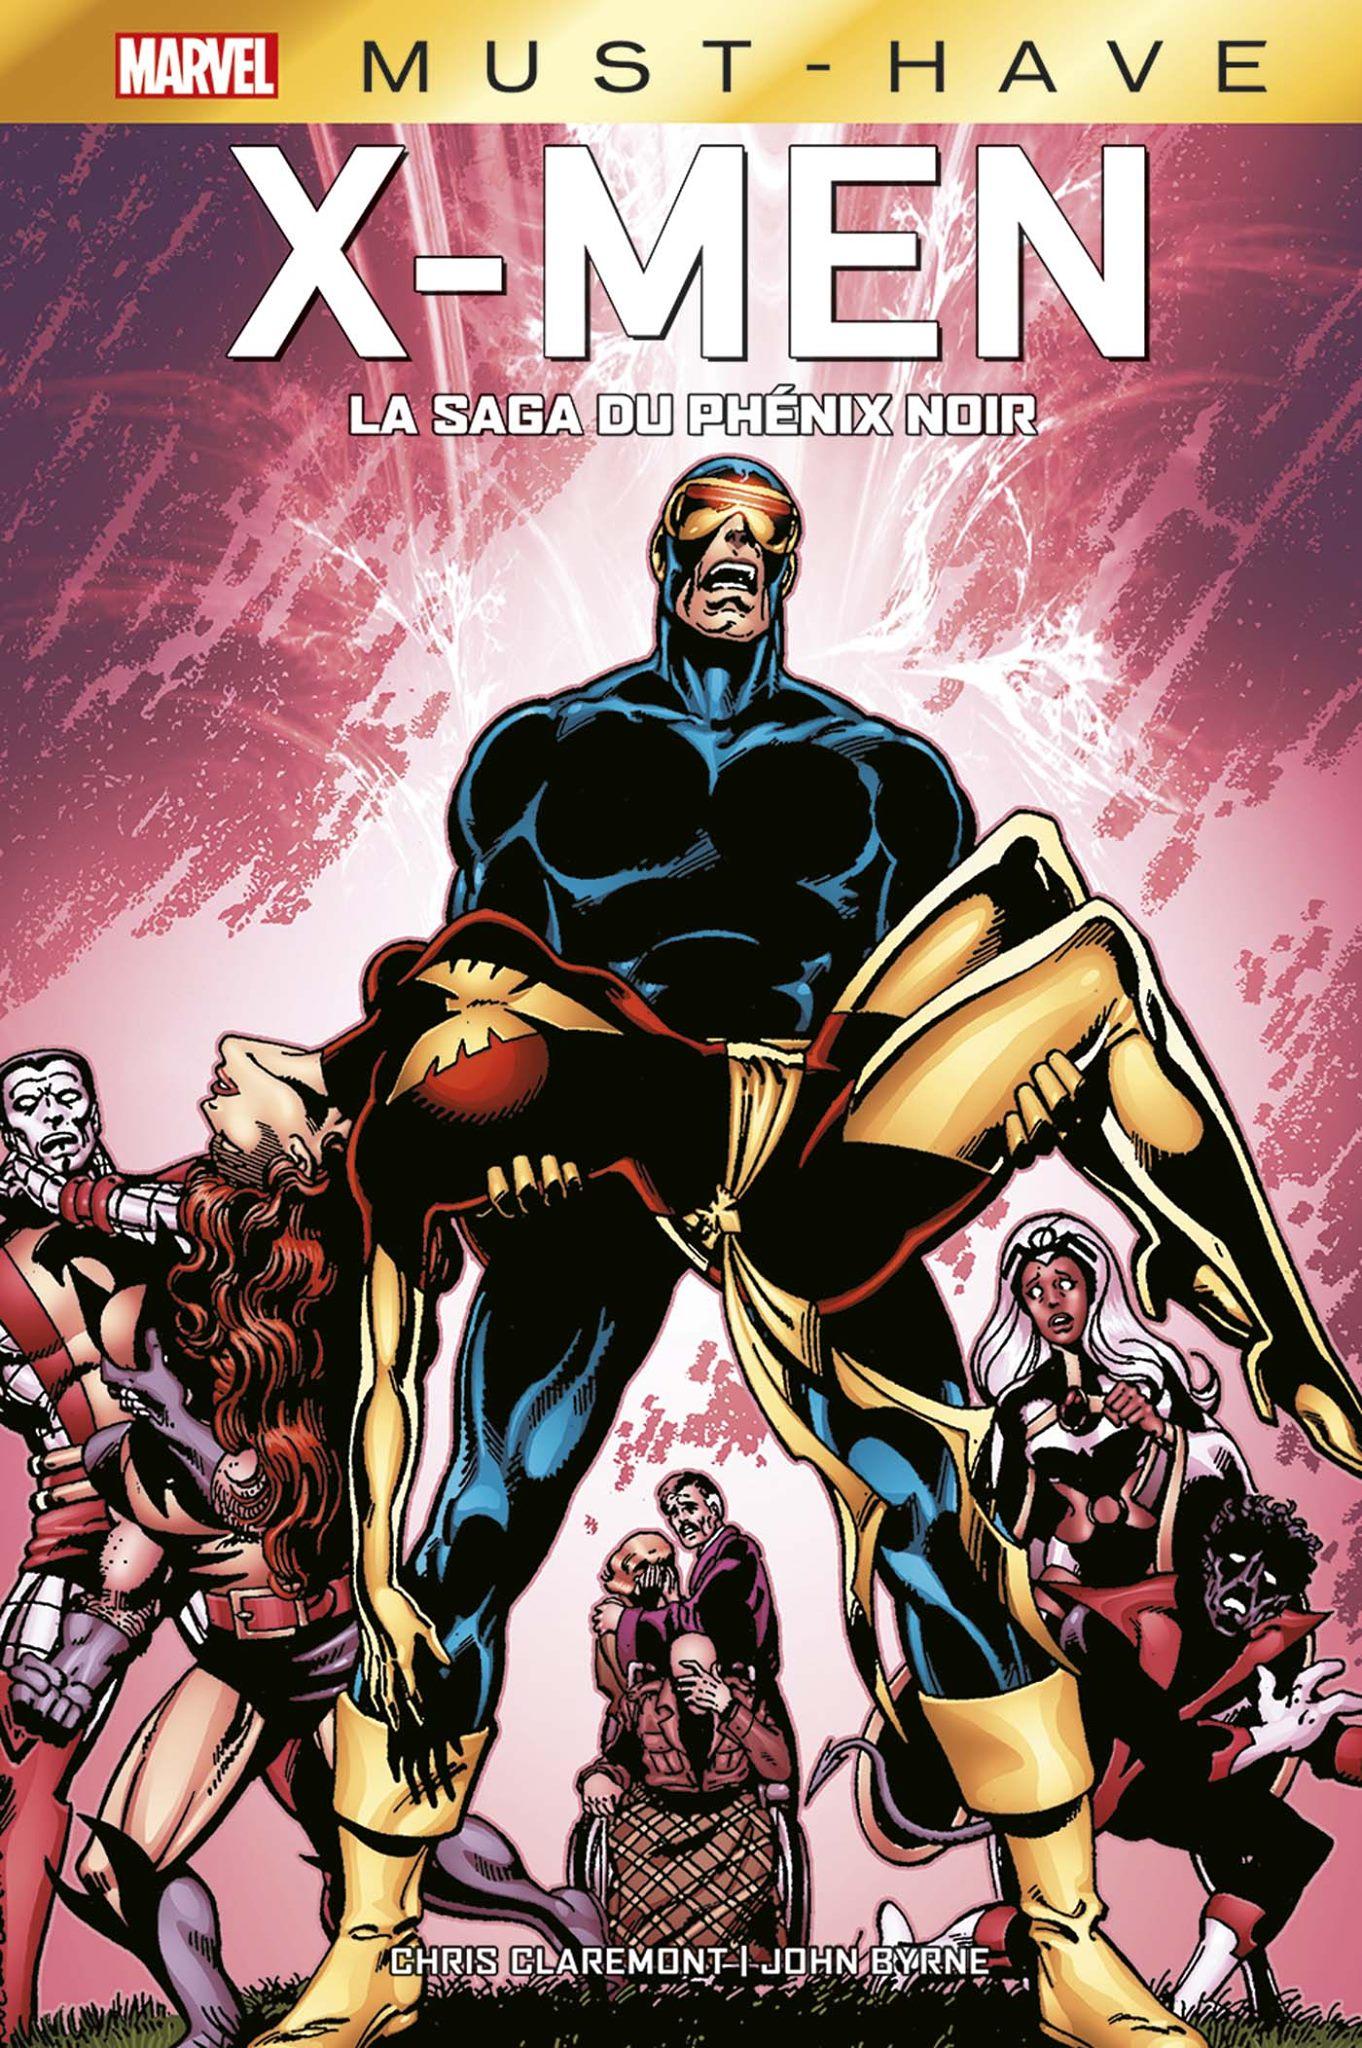 X-MEN : LA SAGA DU PHÉNIX NOIR (MUST-HAVE)